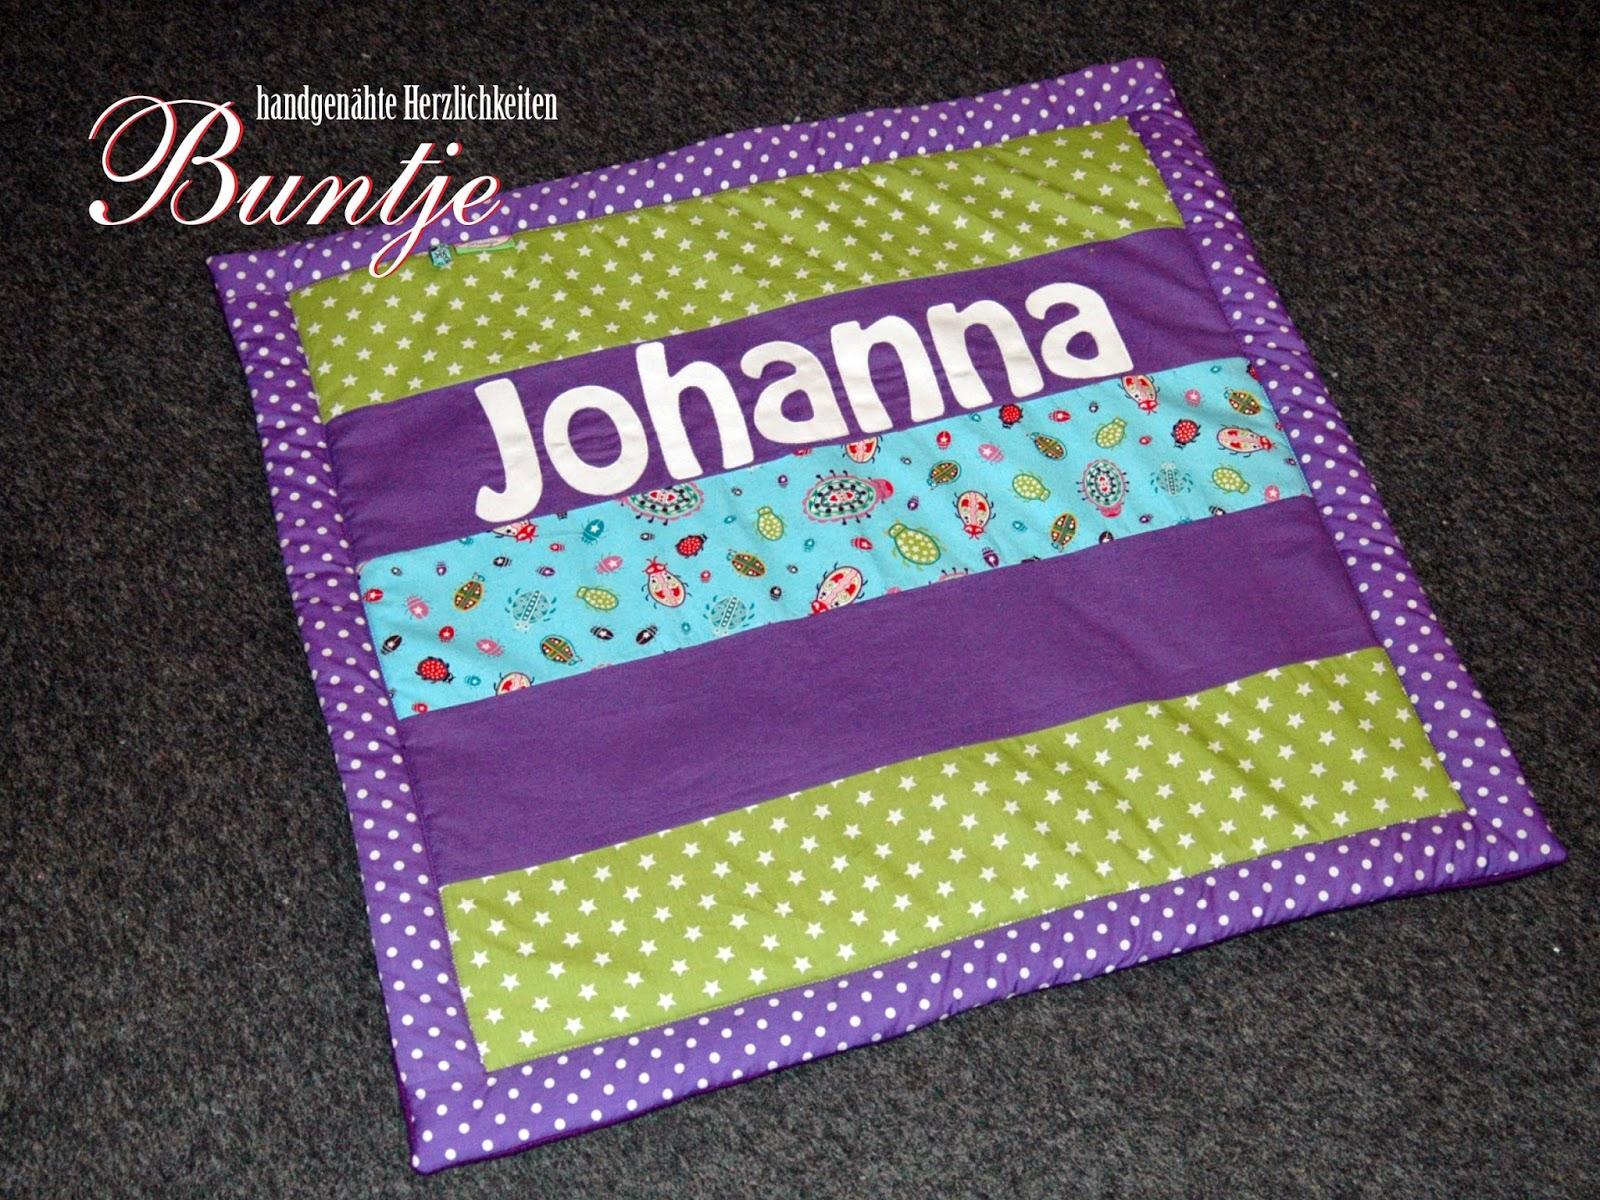 Krabbeldecke Kuscheldecke Decke Baby Name Geschenk Geburt Taufe Mädchen Johanna lila grün türkis Käfer Fleece Baumwolle Buntje nähen